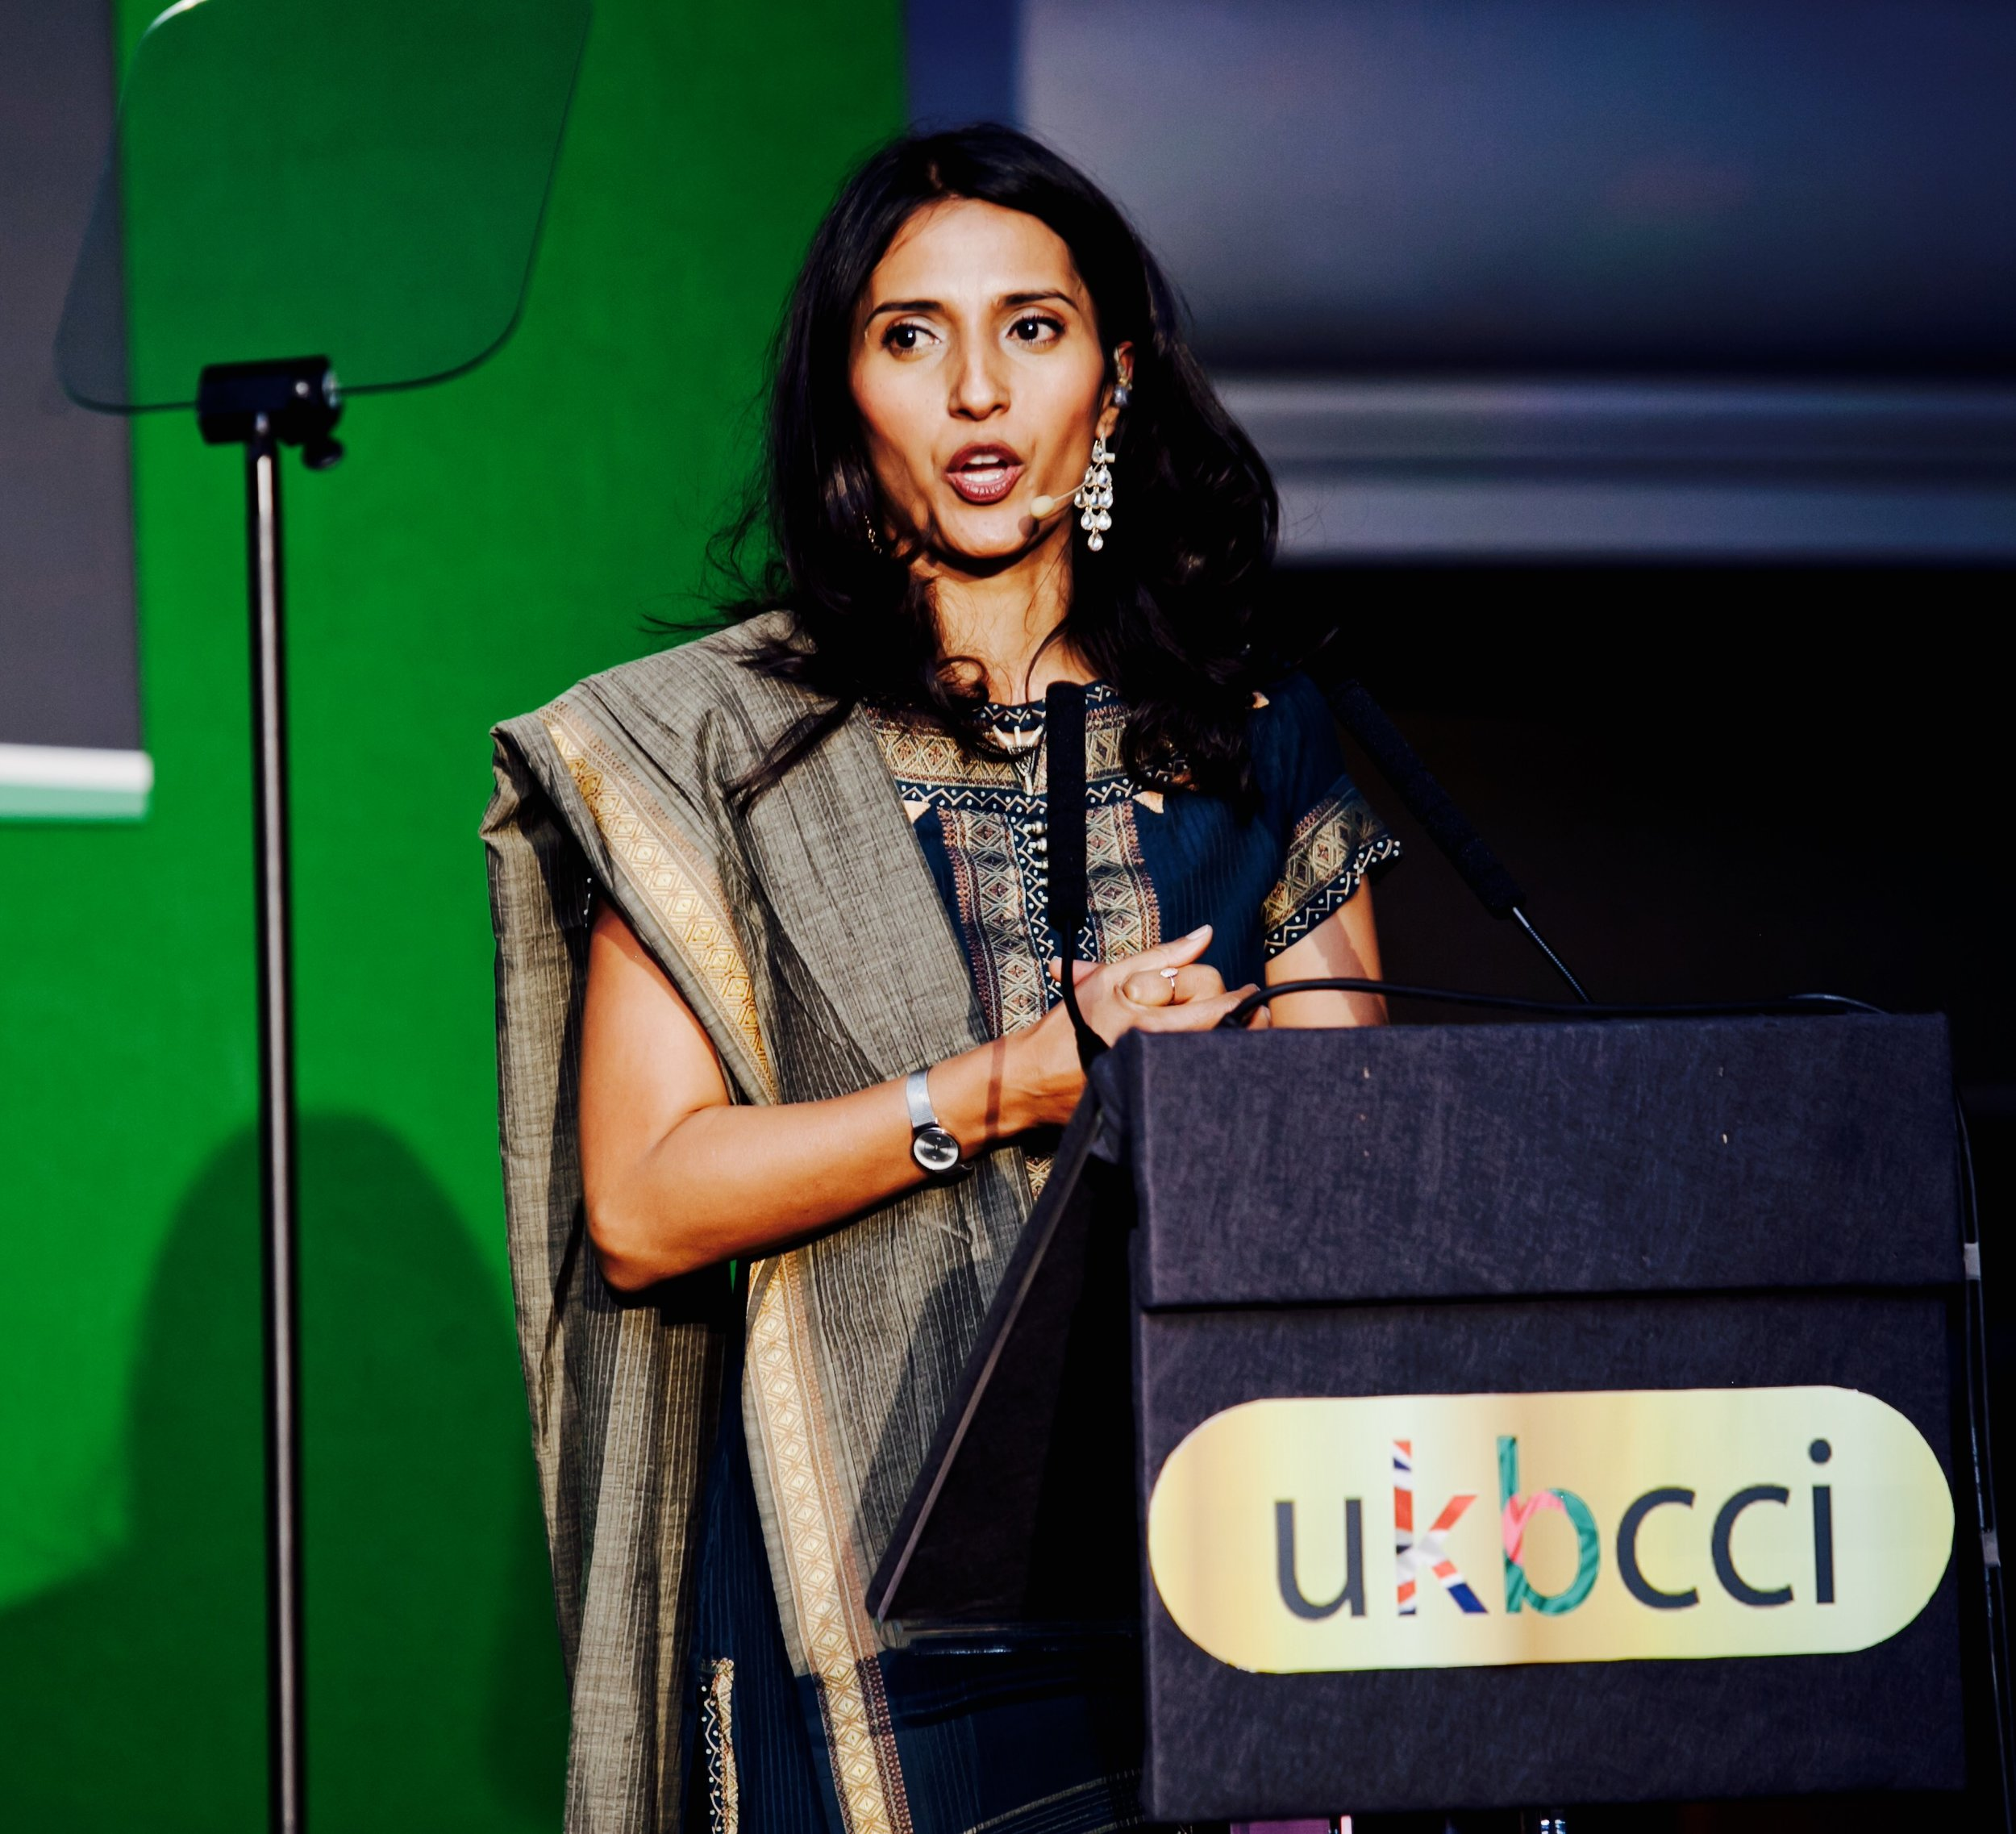 Hosting the UKBCCI awards - Nov 2016